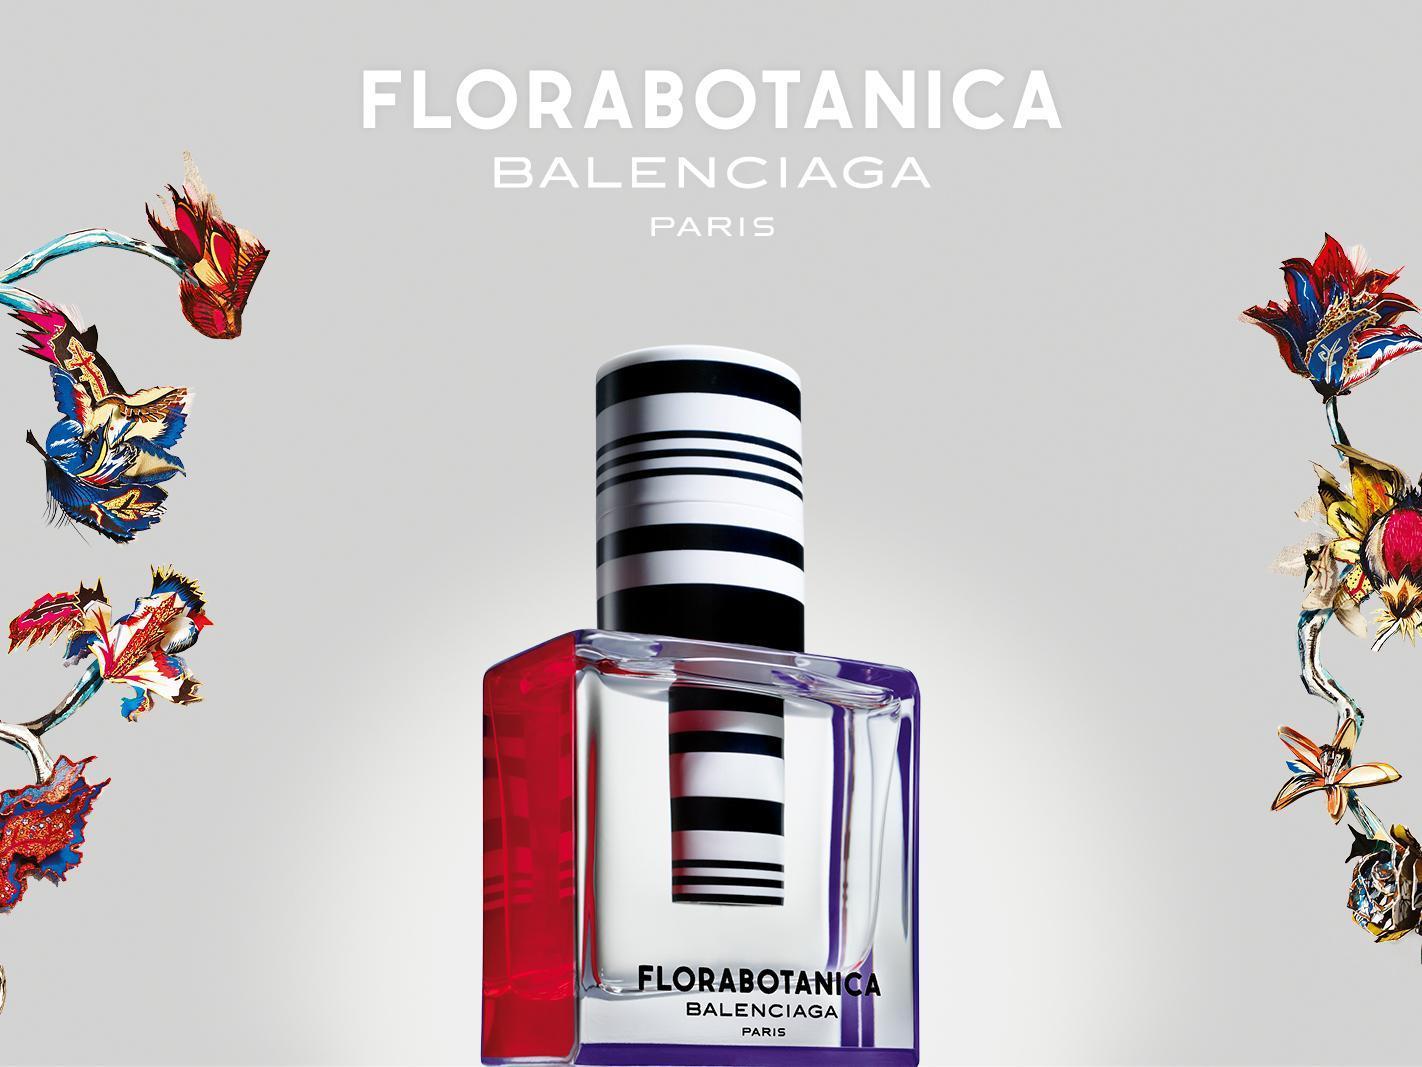 balenciaga-florabotanica-header55801d8e33c48